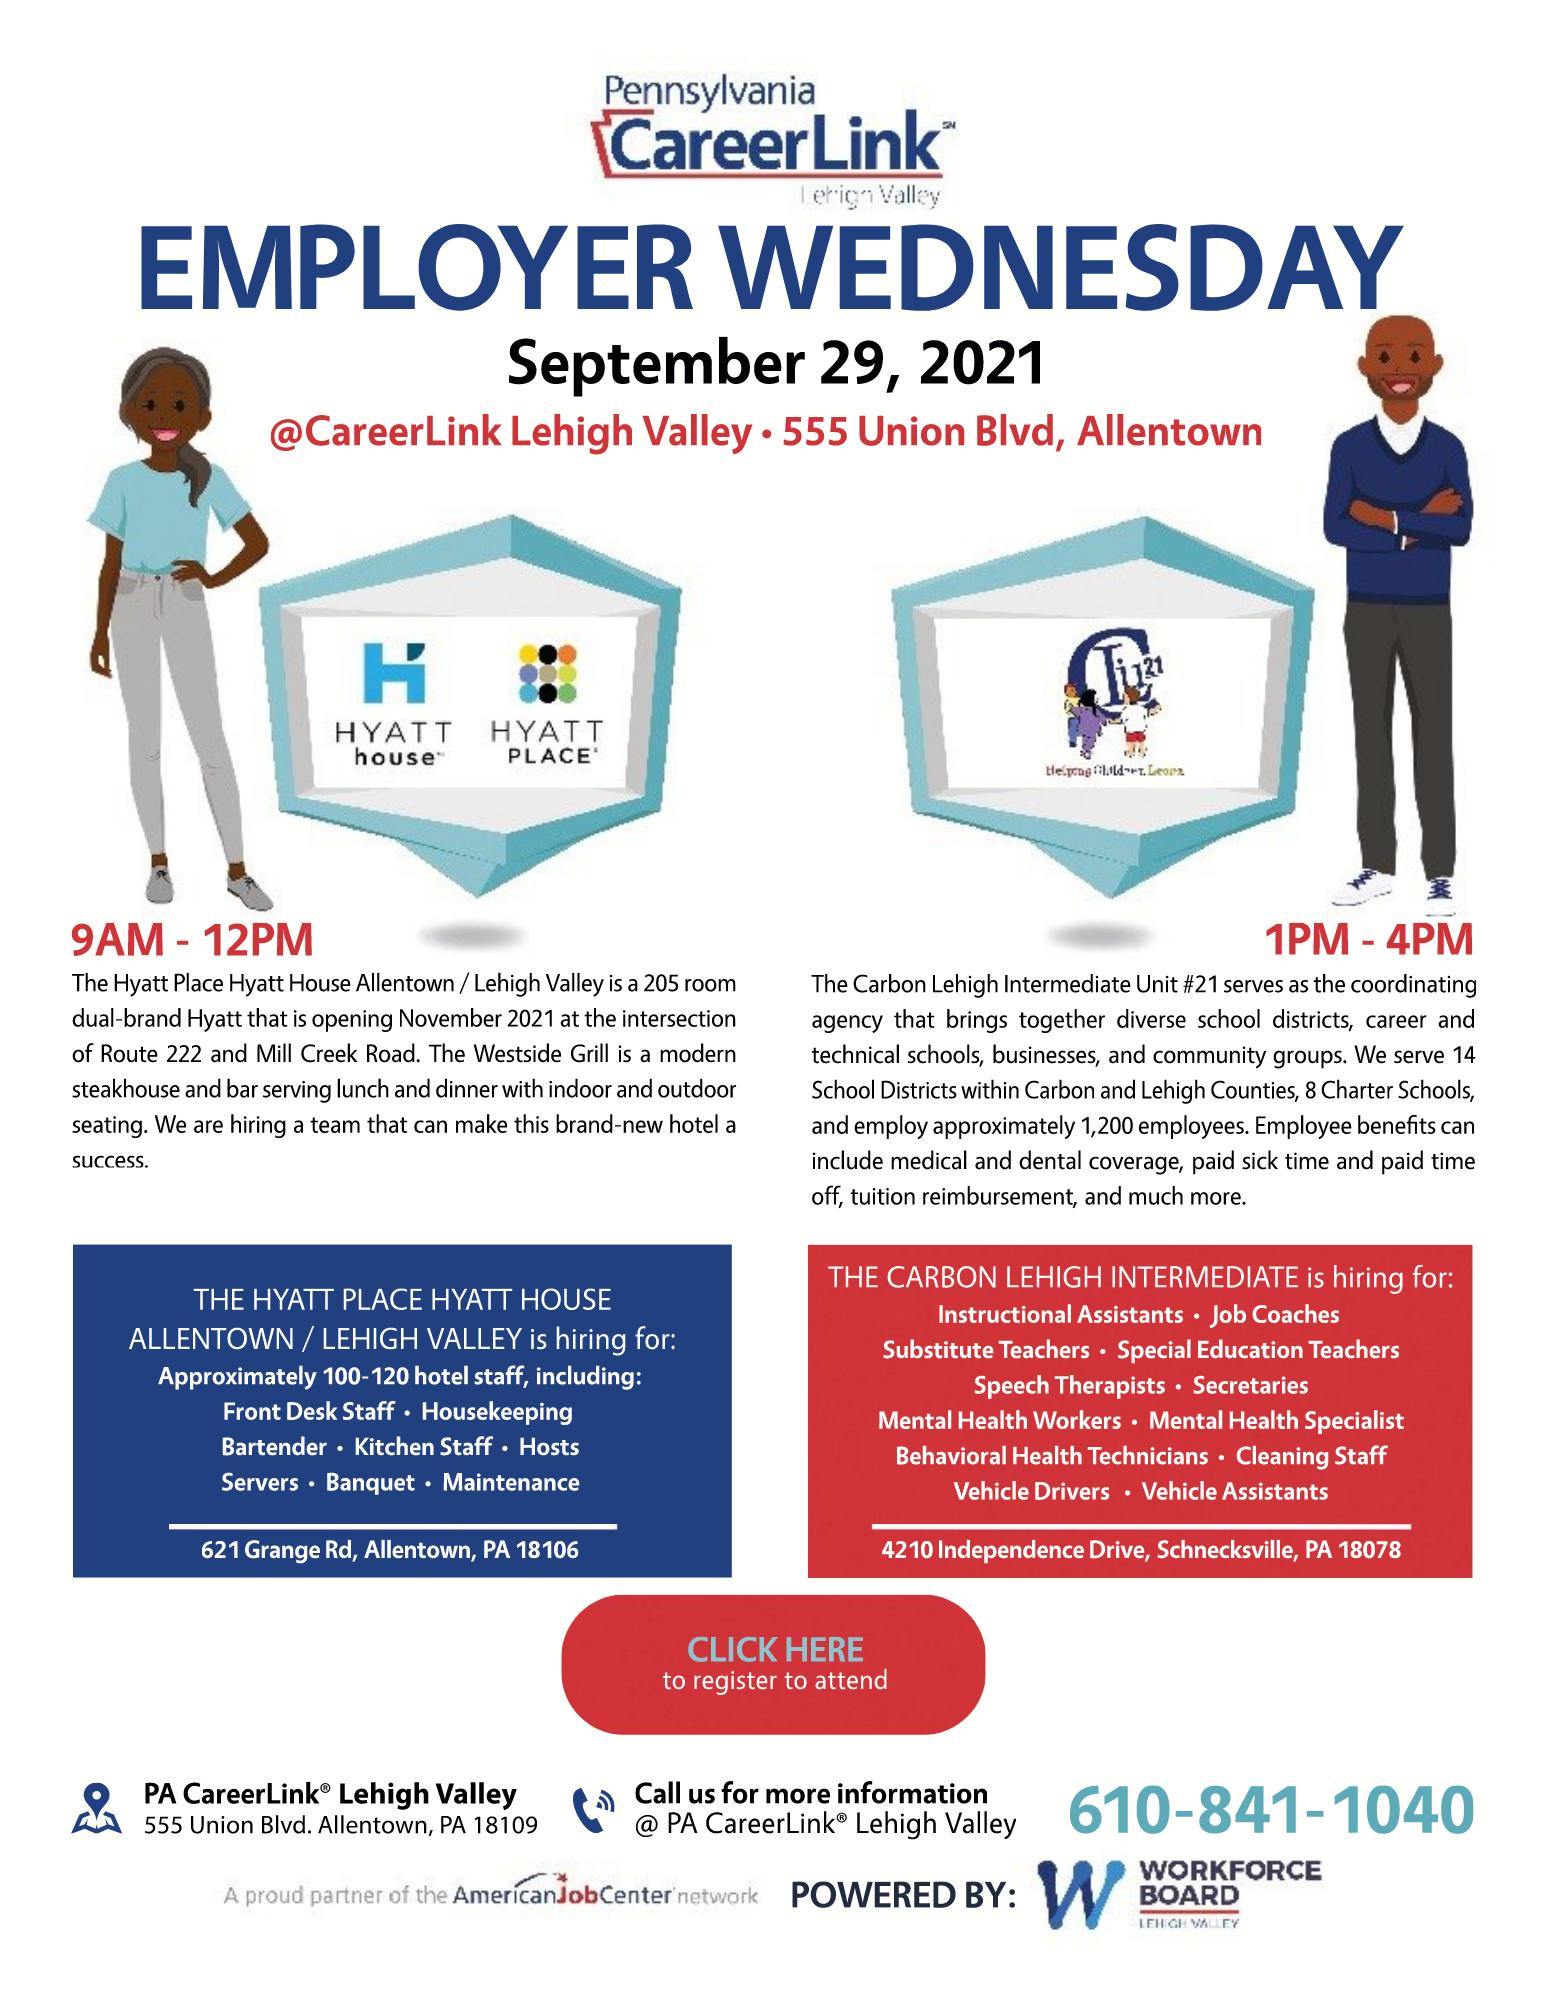 September 29 Employer Wednesday flyer